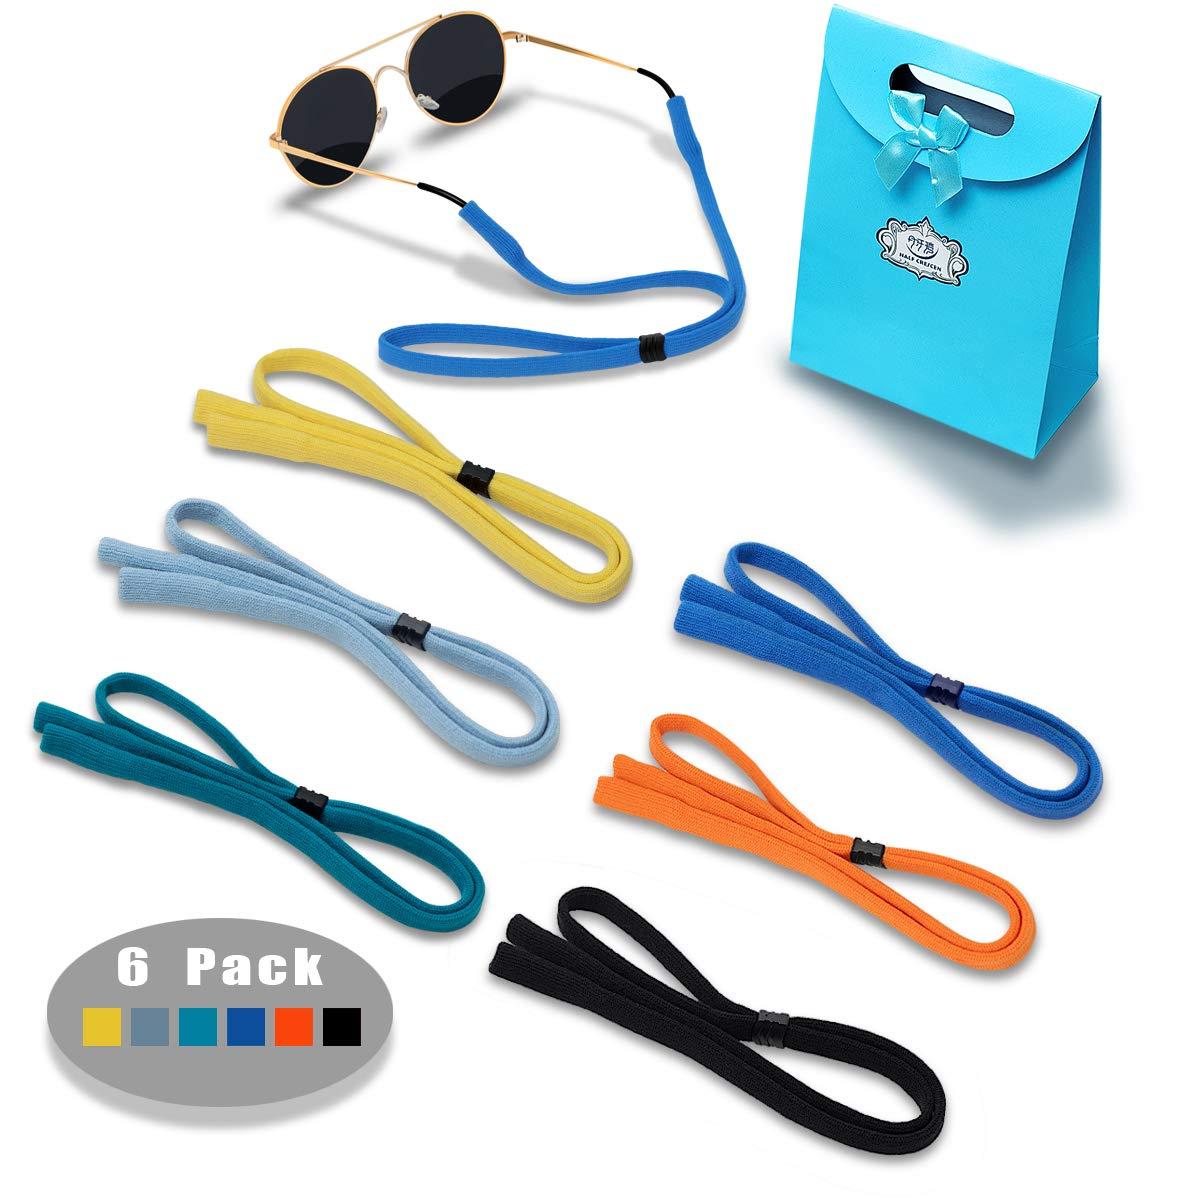 Eyeglasses Holder Strap Cord Retainer Glasses